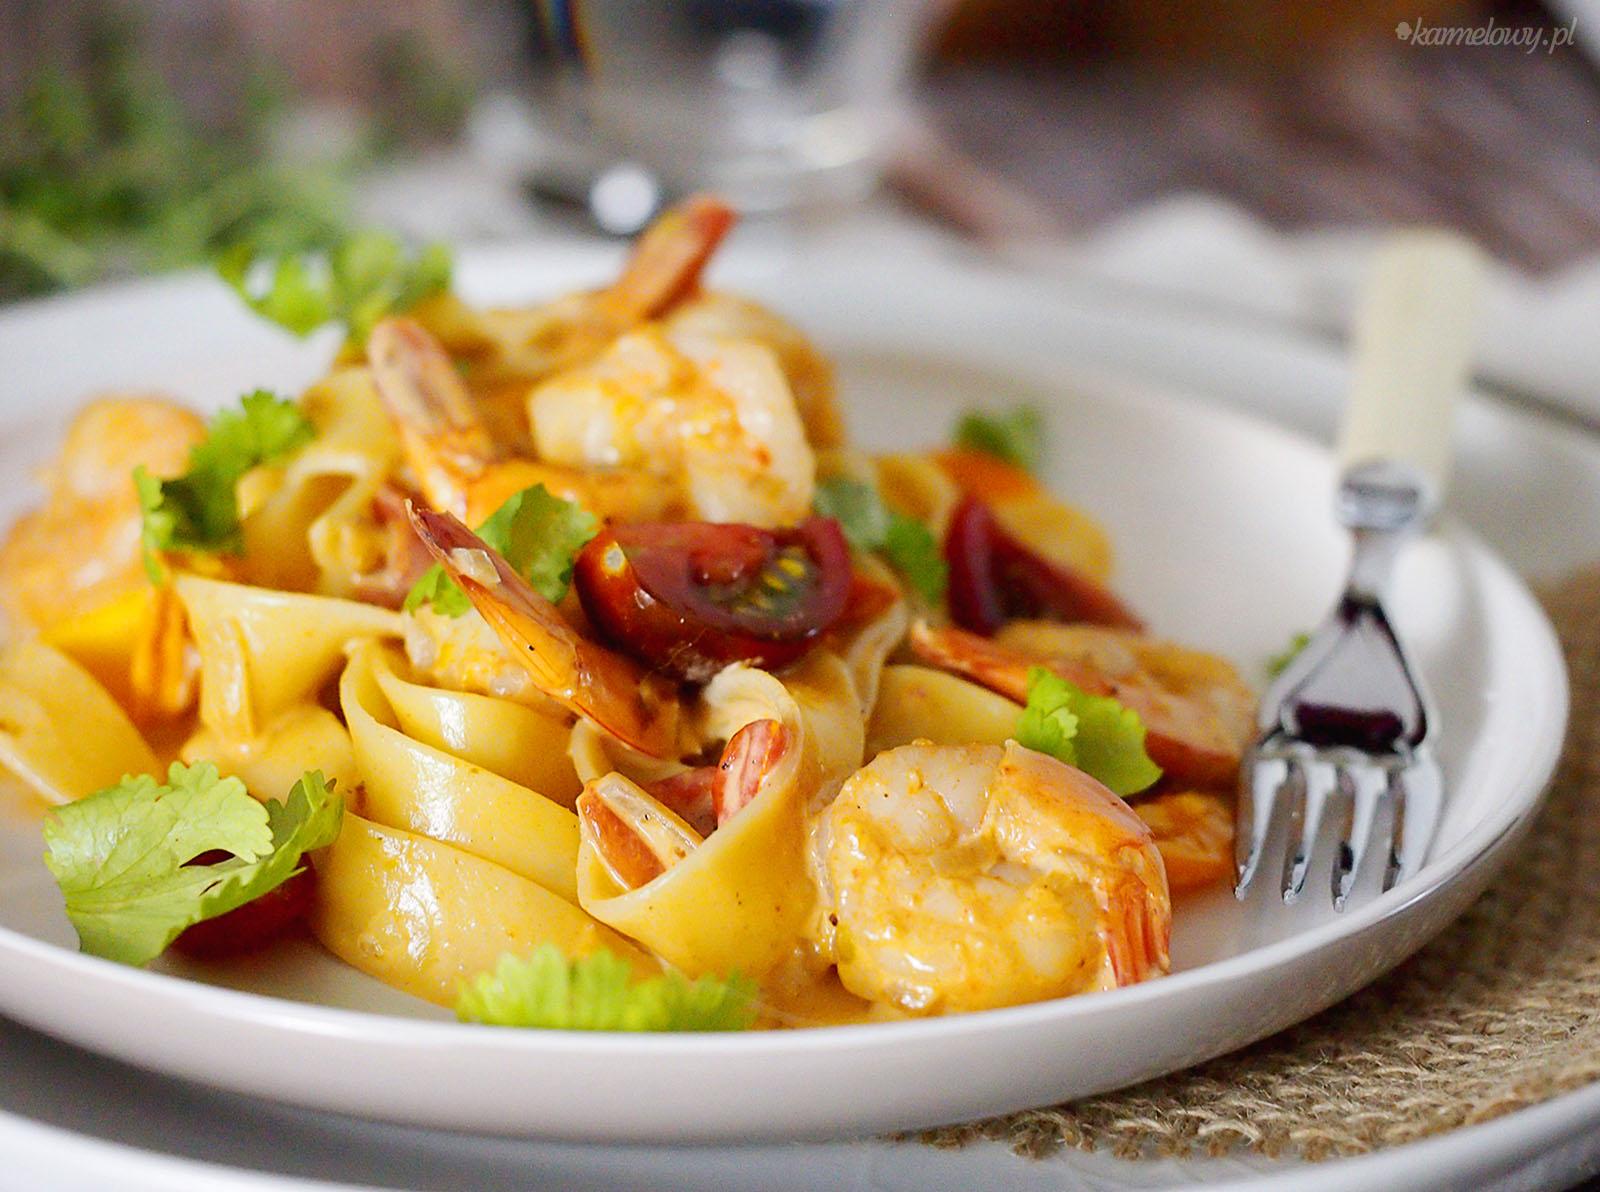 Makaron z krewetkami w sosie śmietanowym / Pasta with shrimps in creamy sauce